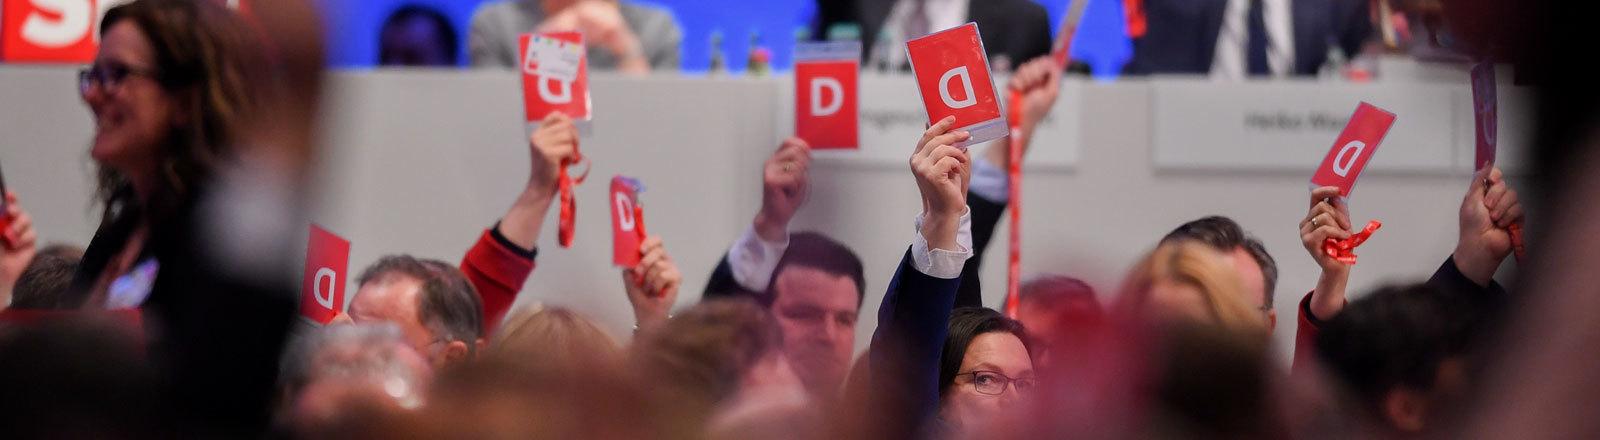 Delegierte halten auf dem SPD-Parteitag am 21.01.2018 in Bonn Stimmkarten in die Höhe